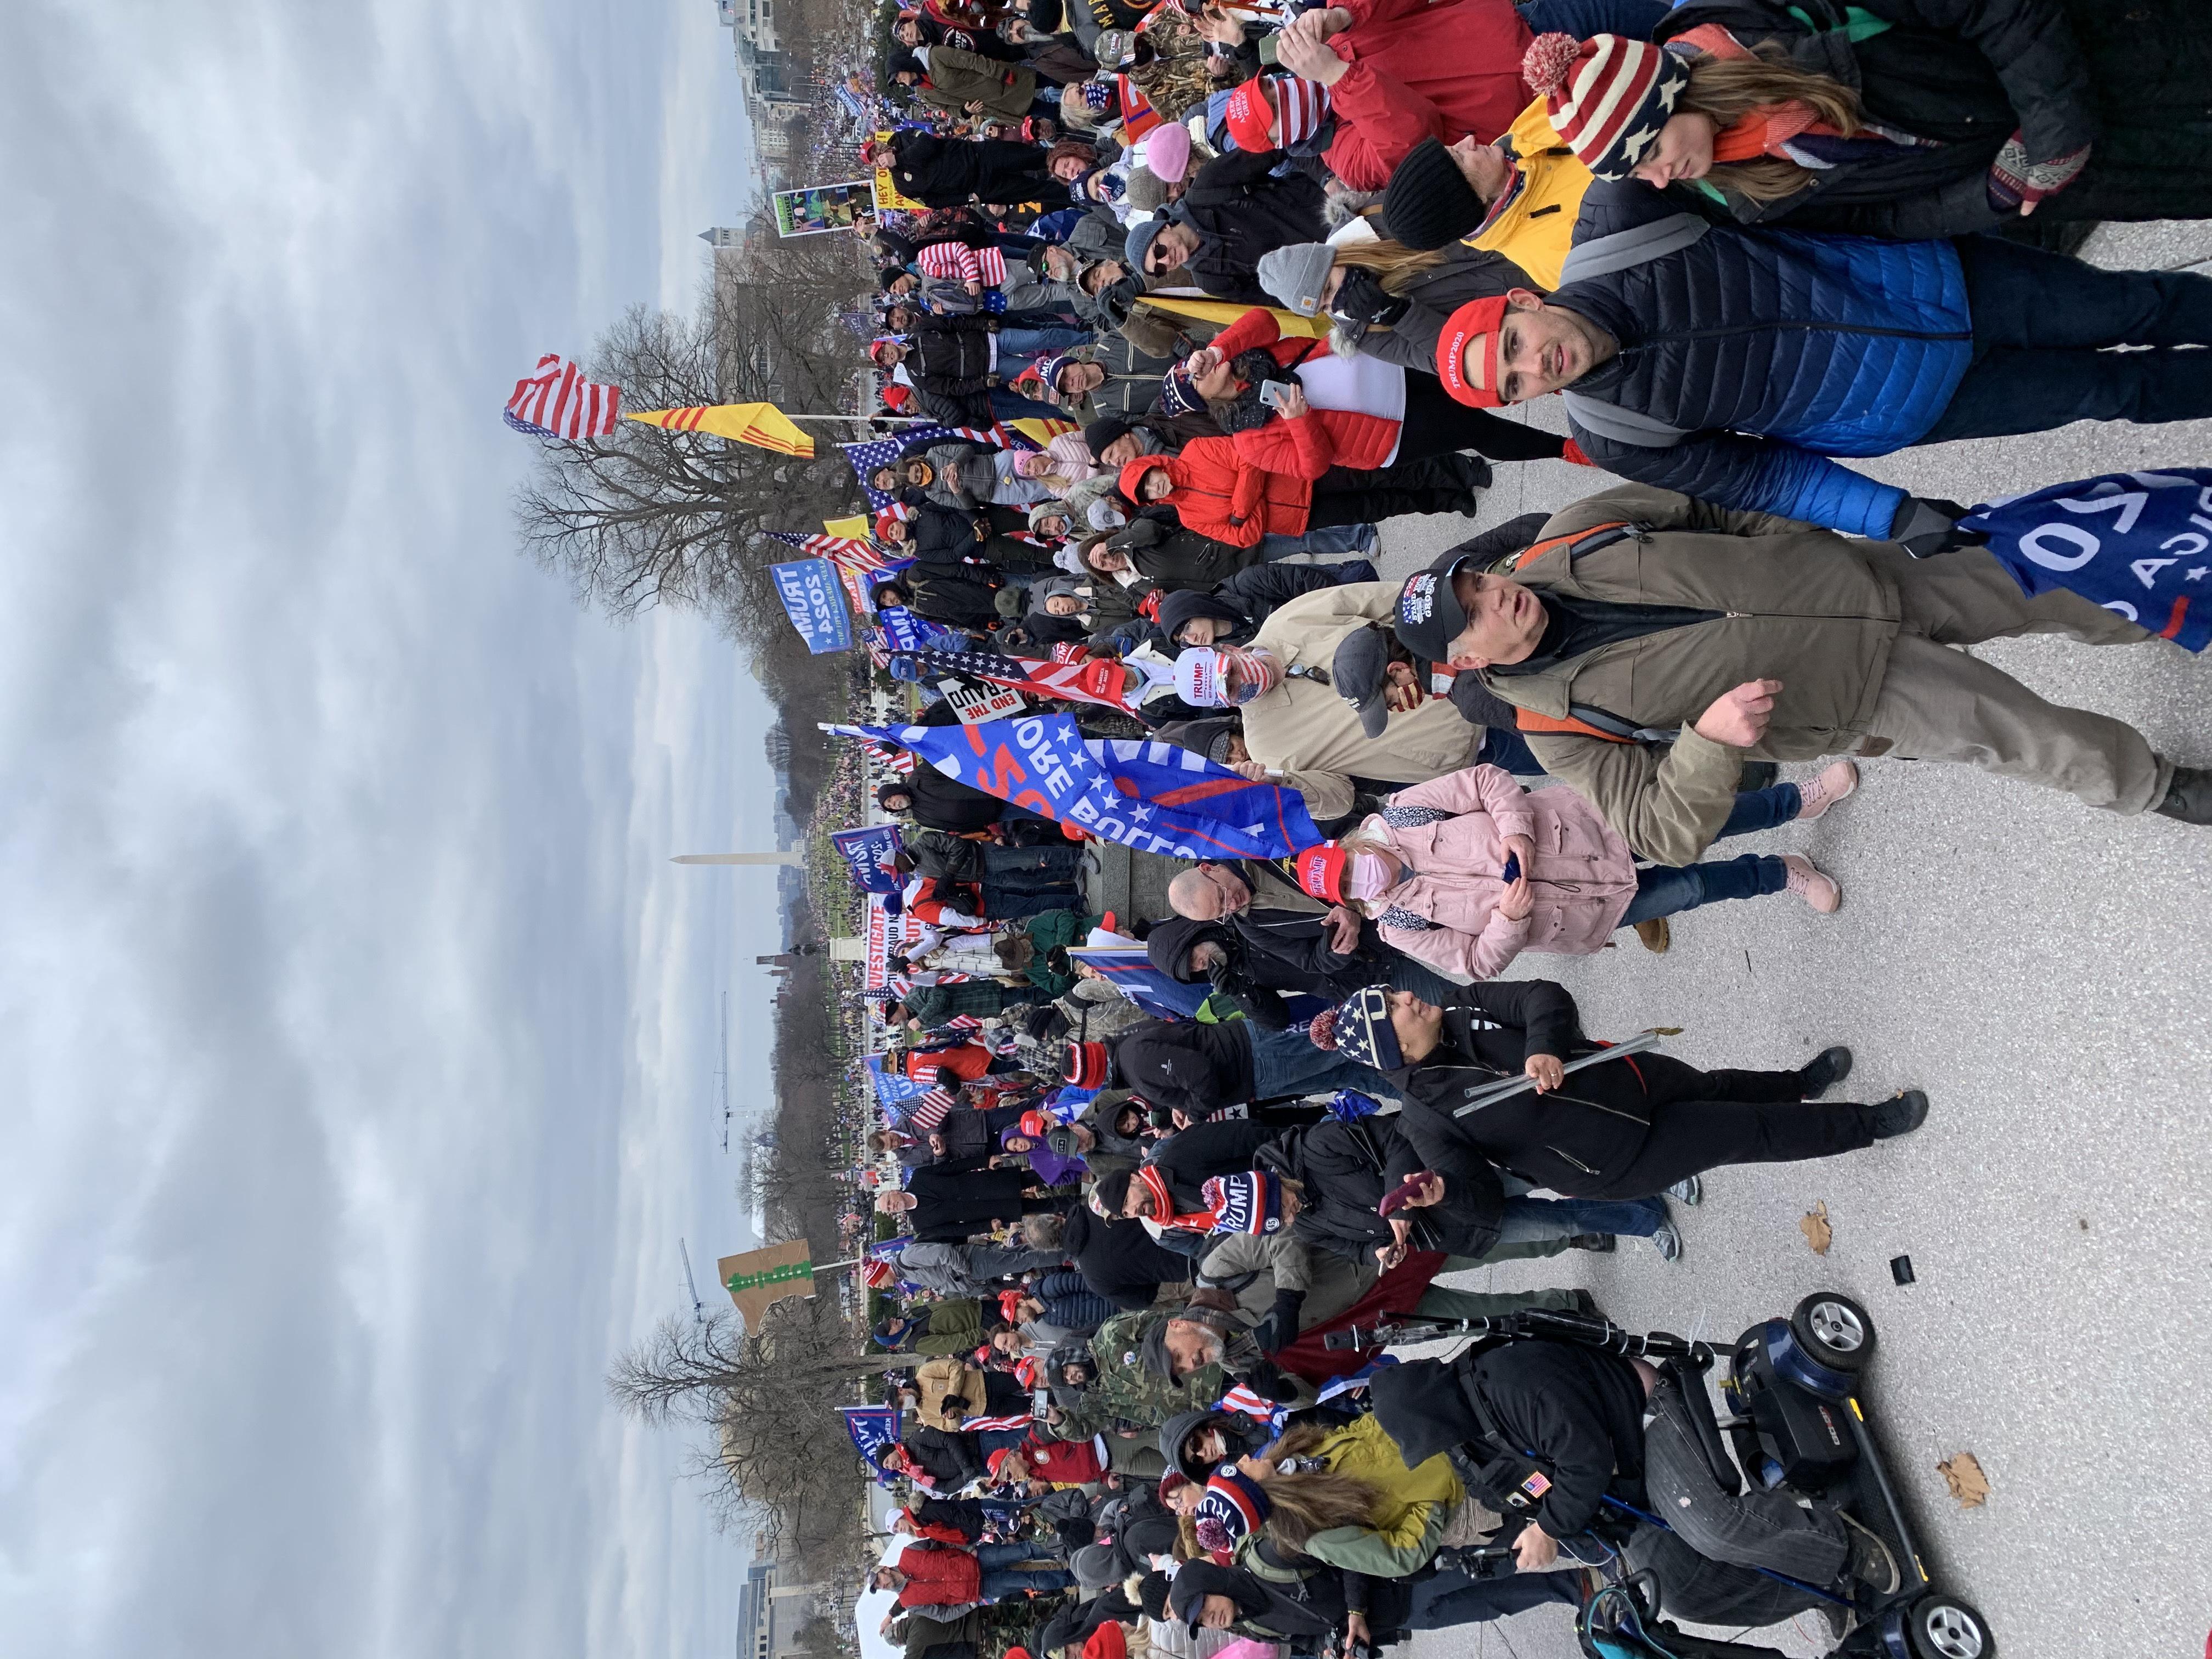 A Patriotic Crowd